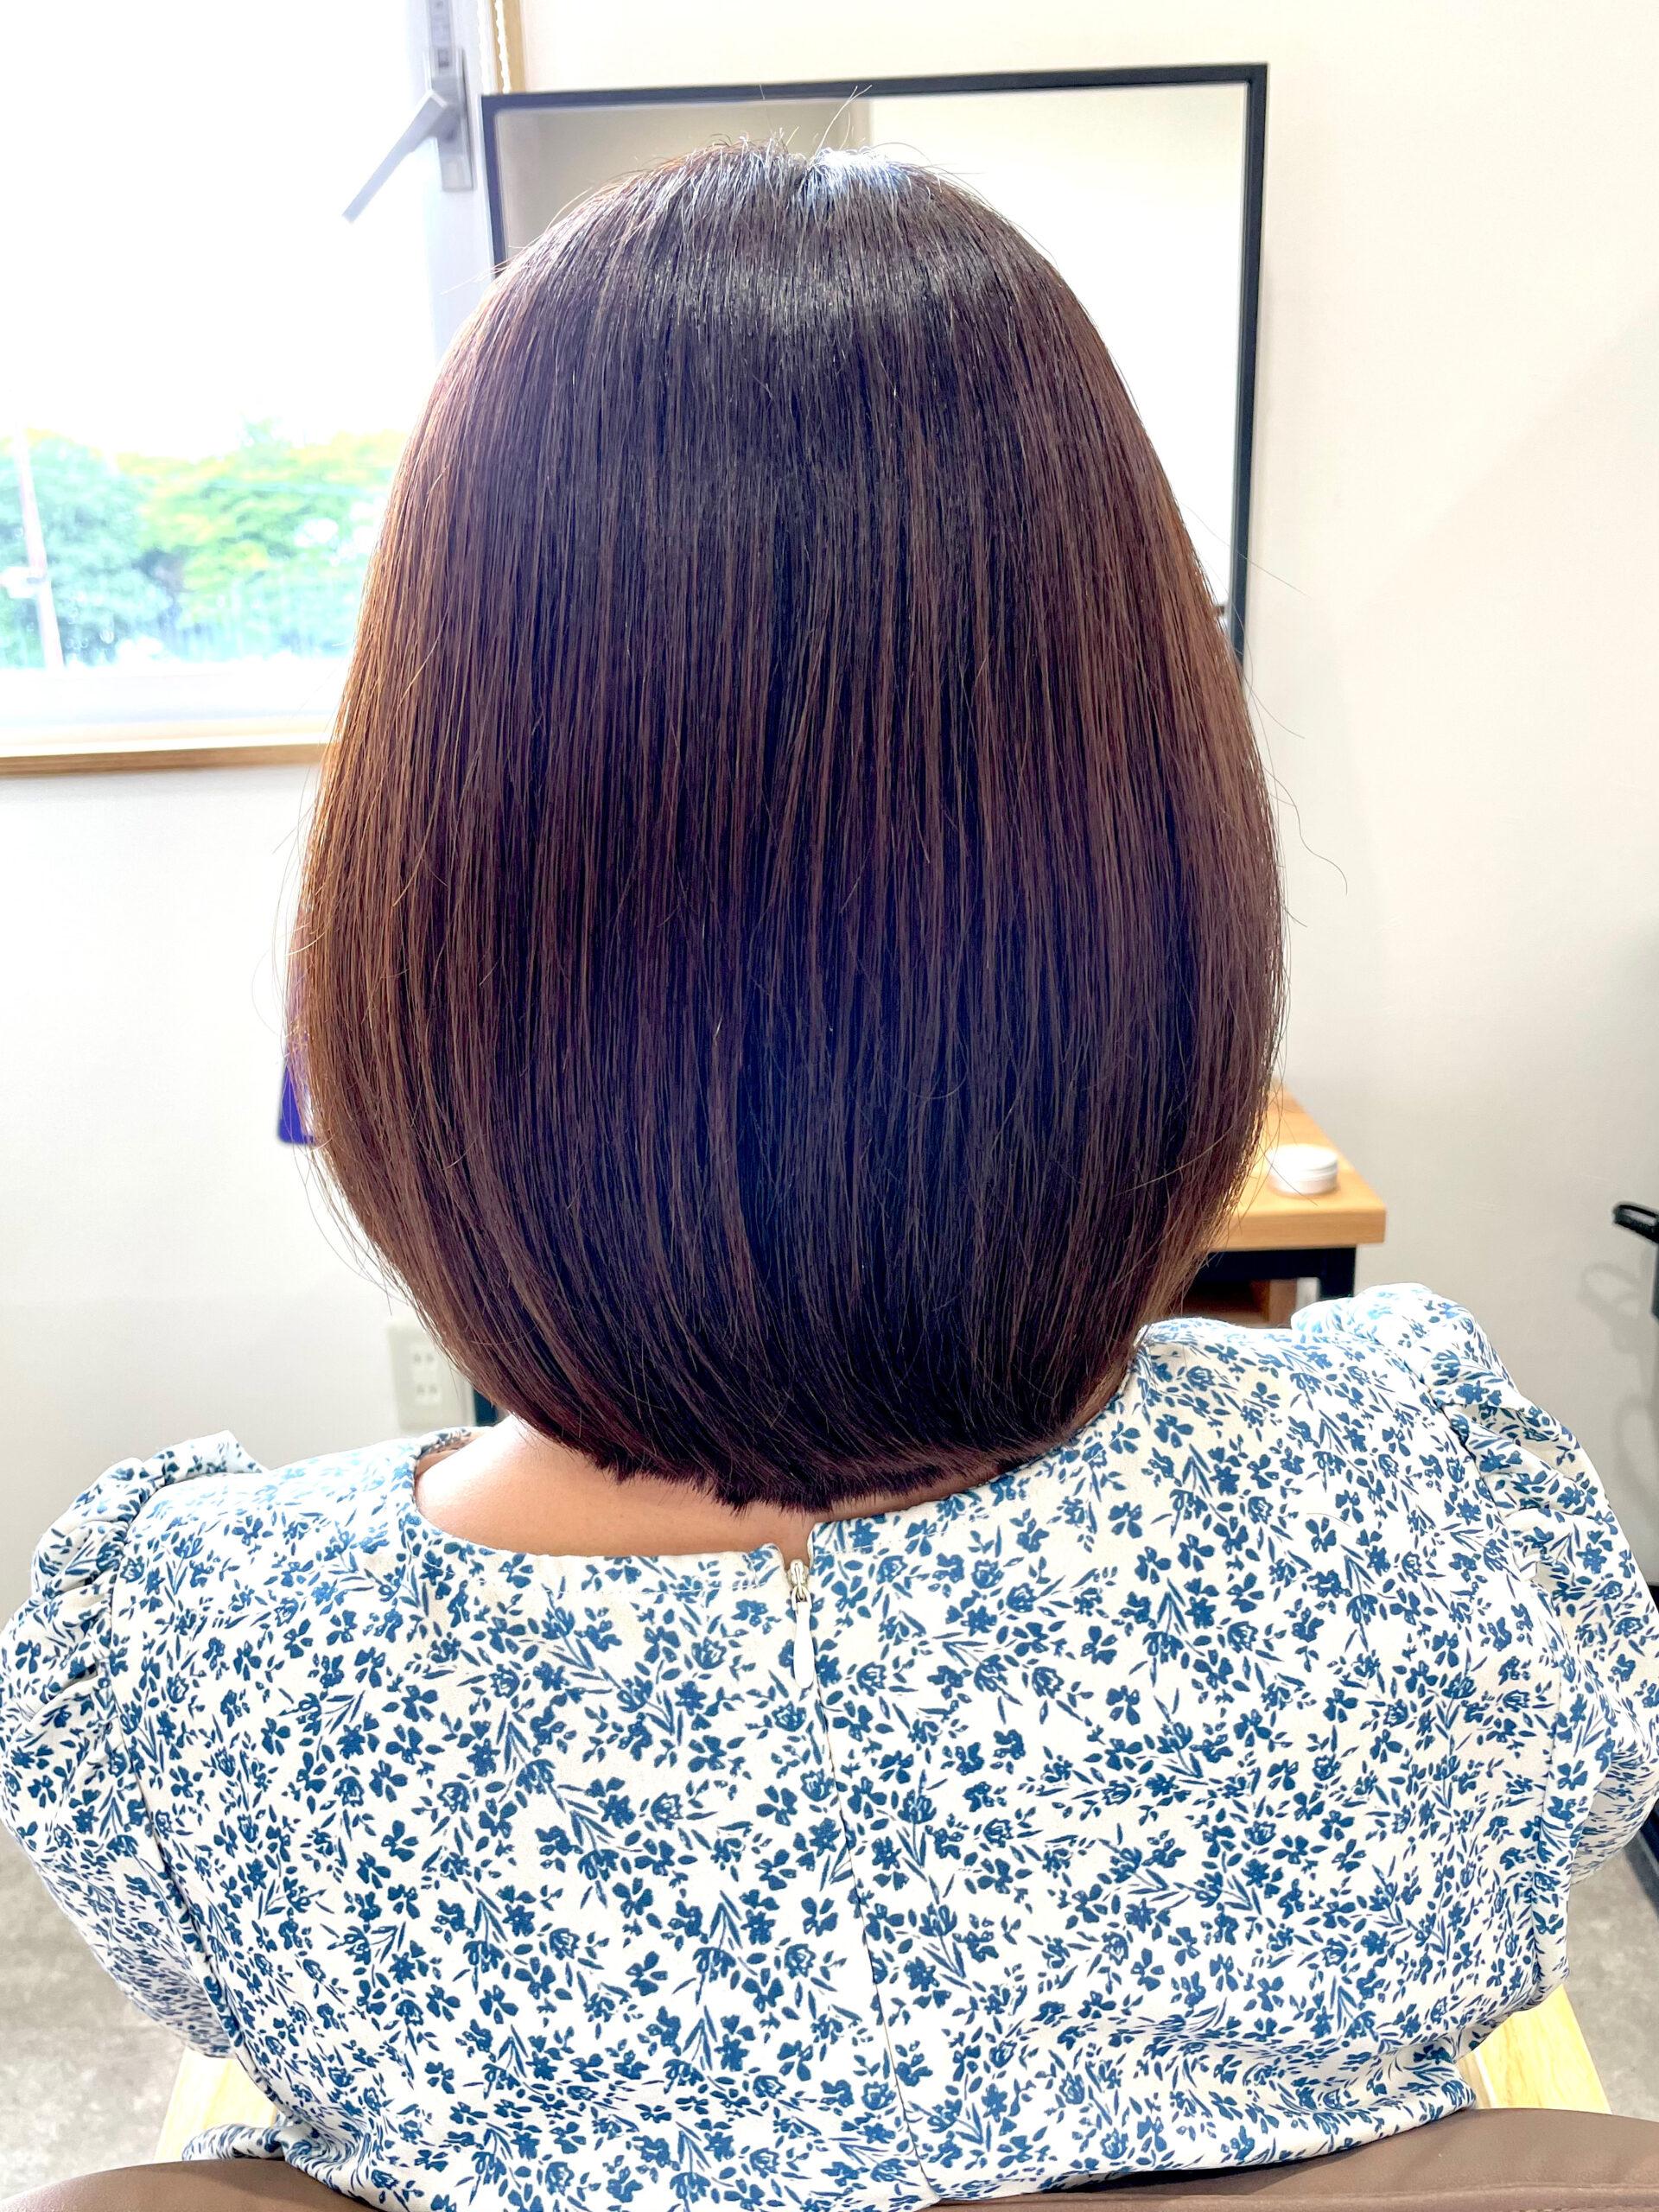 大分県別府市 弱酸性の縮毛矯正とトリートメントでダメージ毛も綺麗なストレートヘア アフター